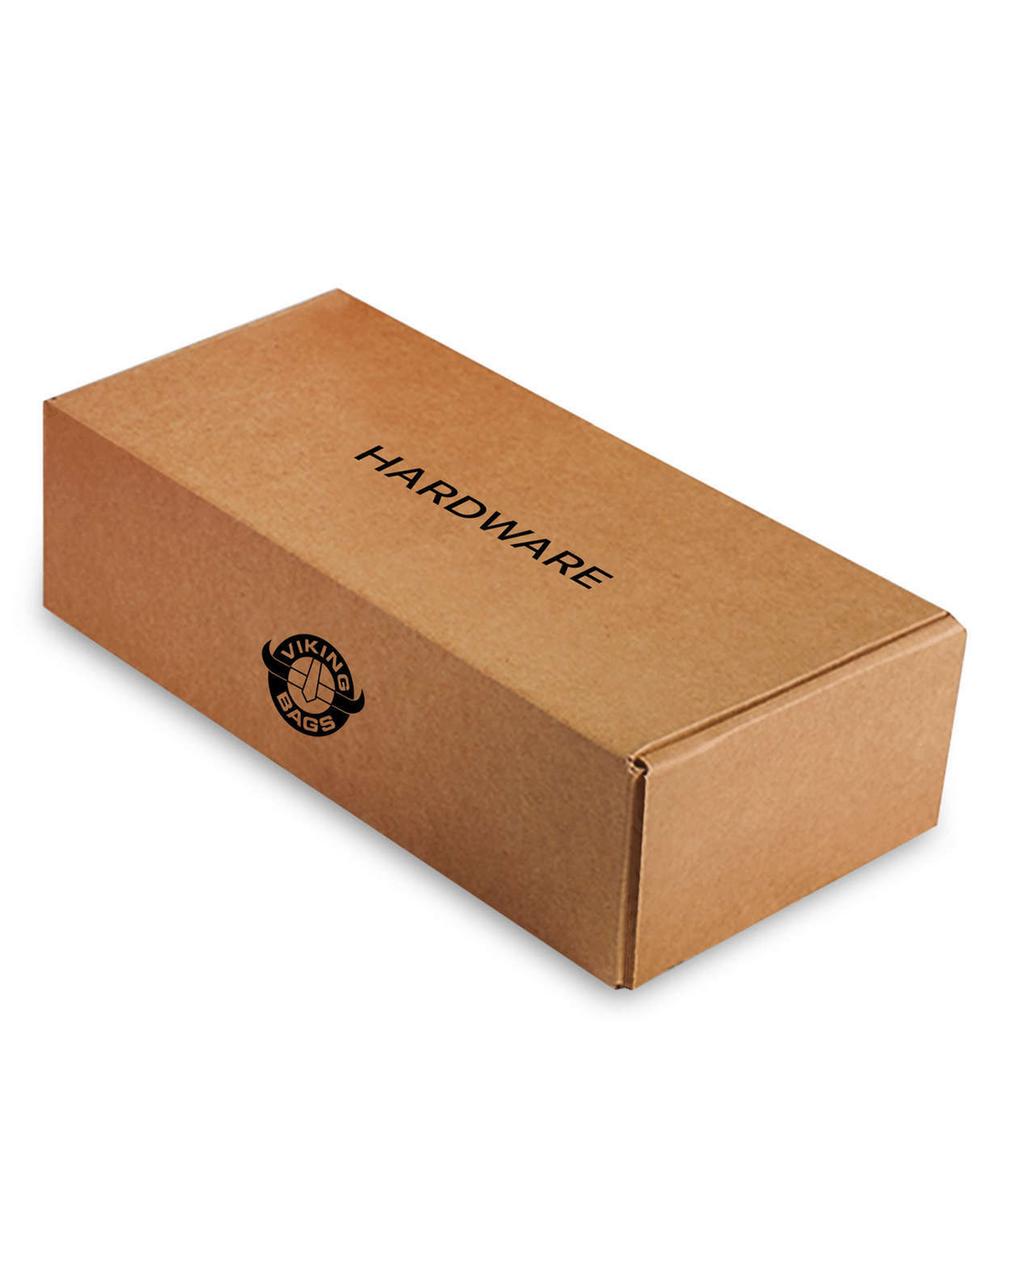 Honda 1100 Shadow Sabre Medium Charger Single Strap Motorcycle Saddlebags Hardware box